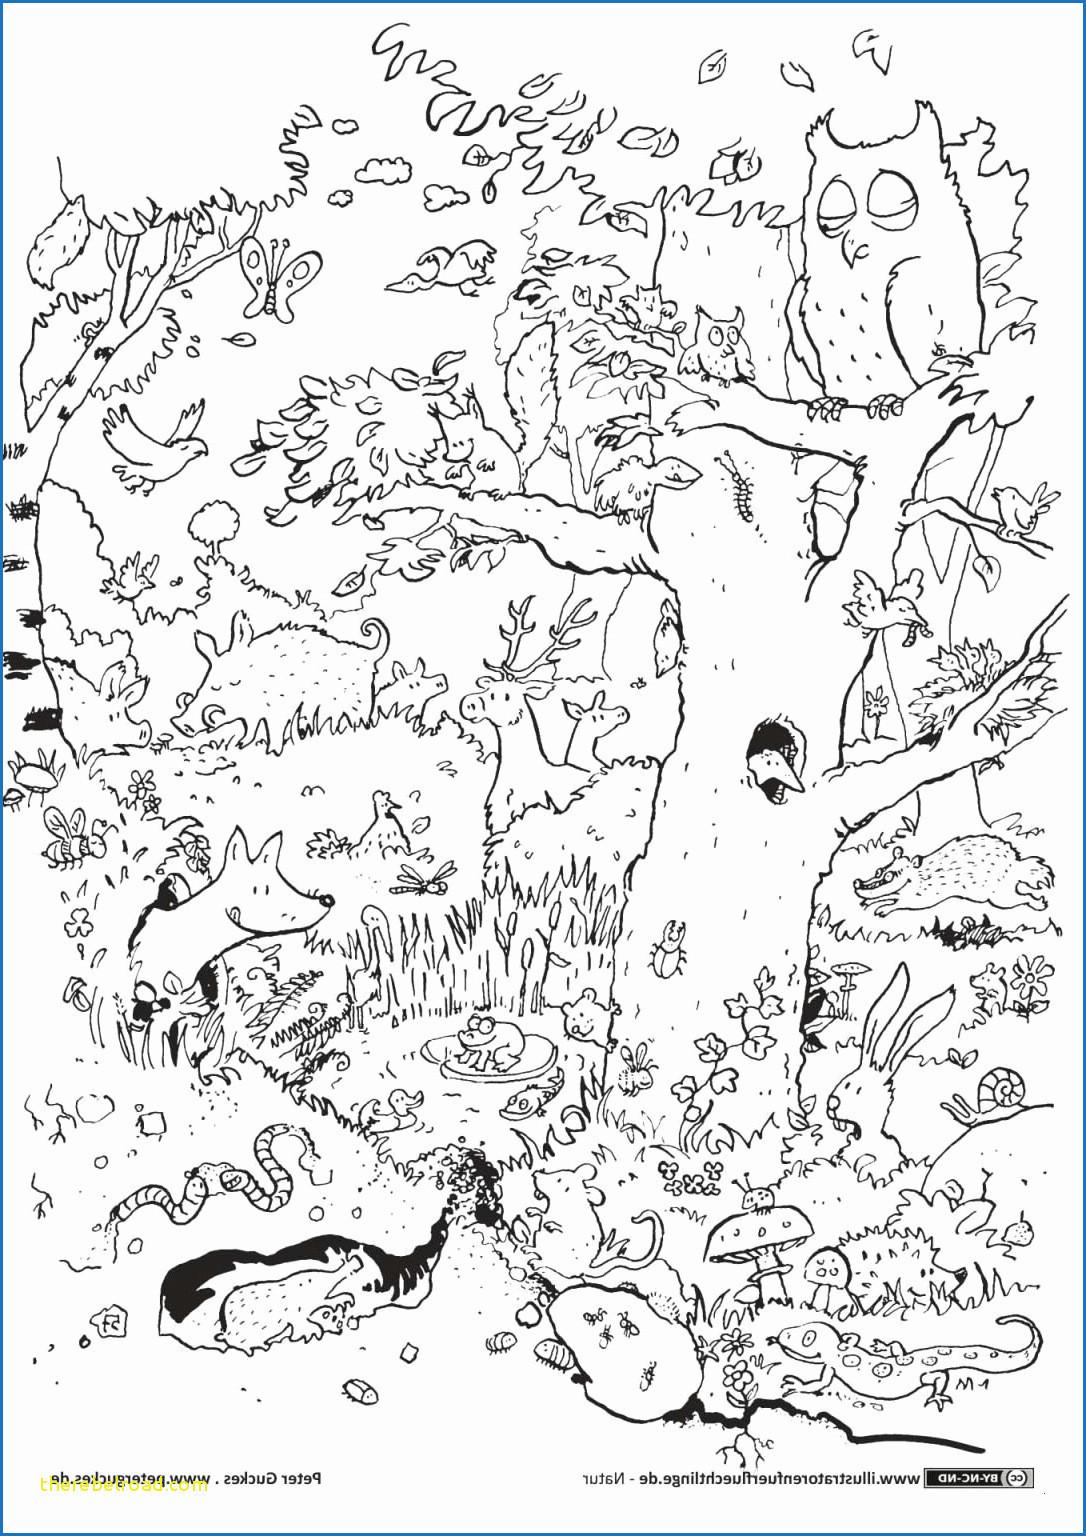 Ausmalbilder Weihnachten Hello Kitty Genial Ausmalbilder Kleinkinder 48 Elegant Bastelideen Kinder Bild Bild